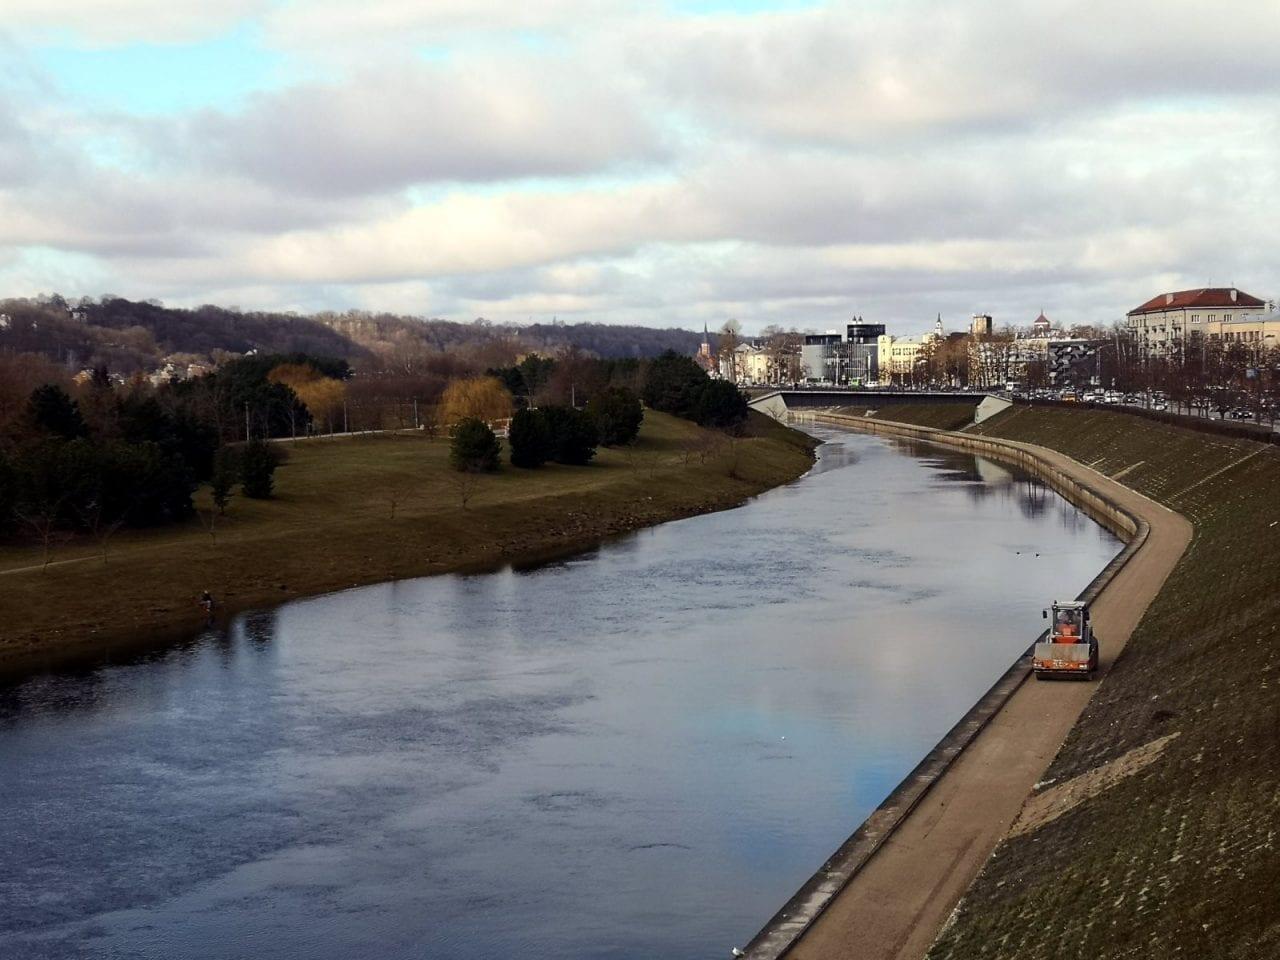 Jokamies-Kaunas-Niemen